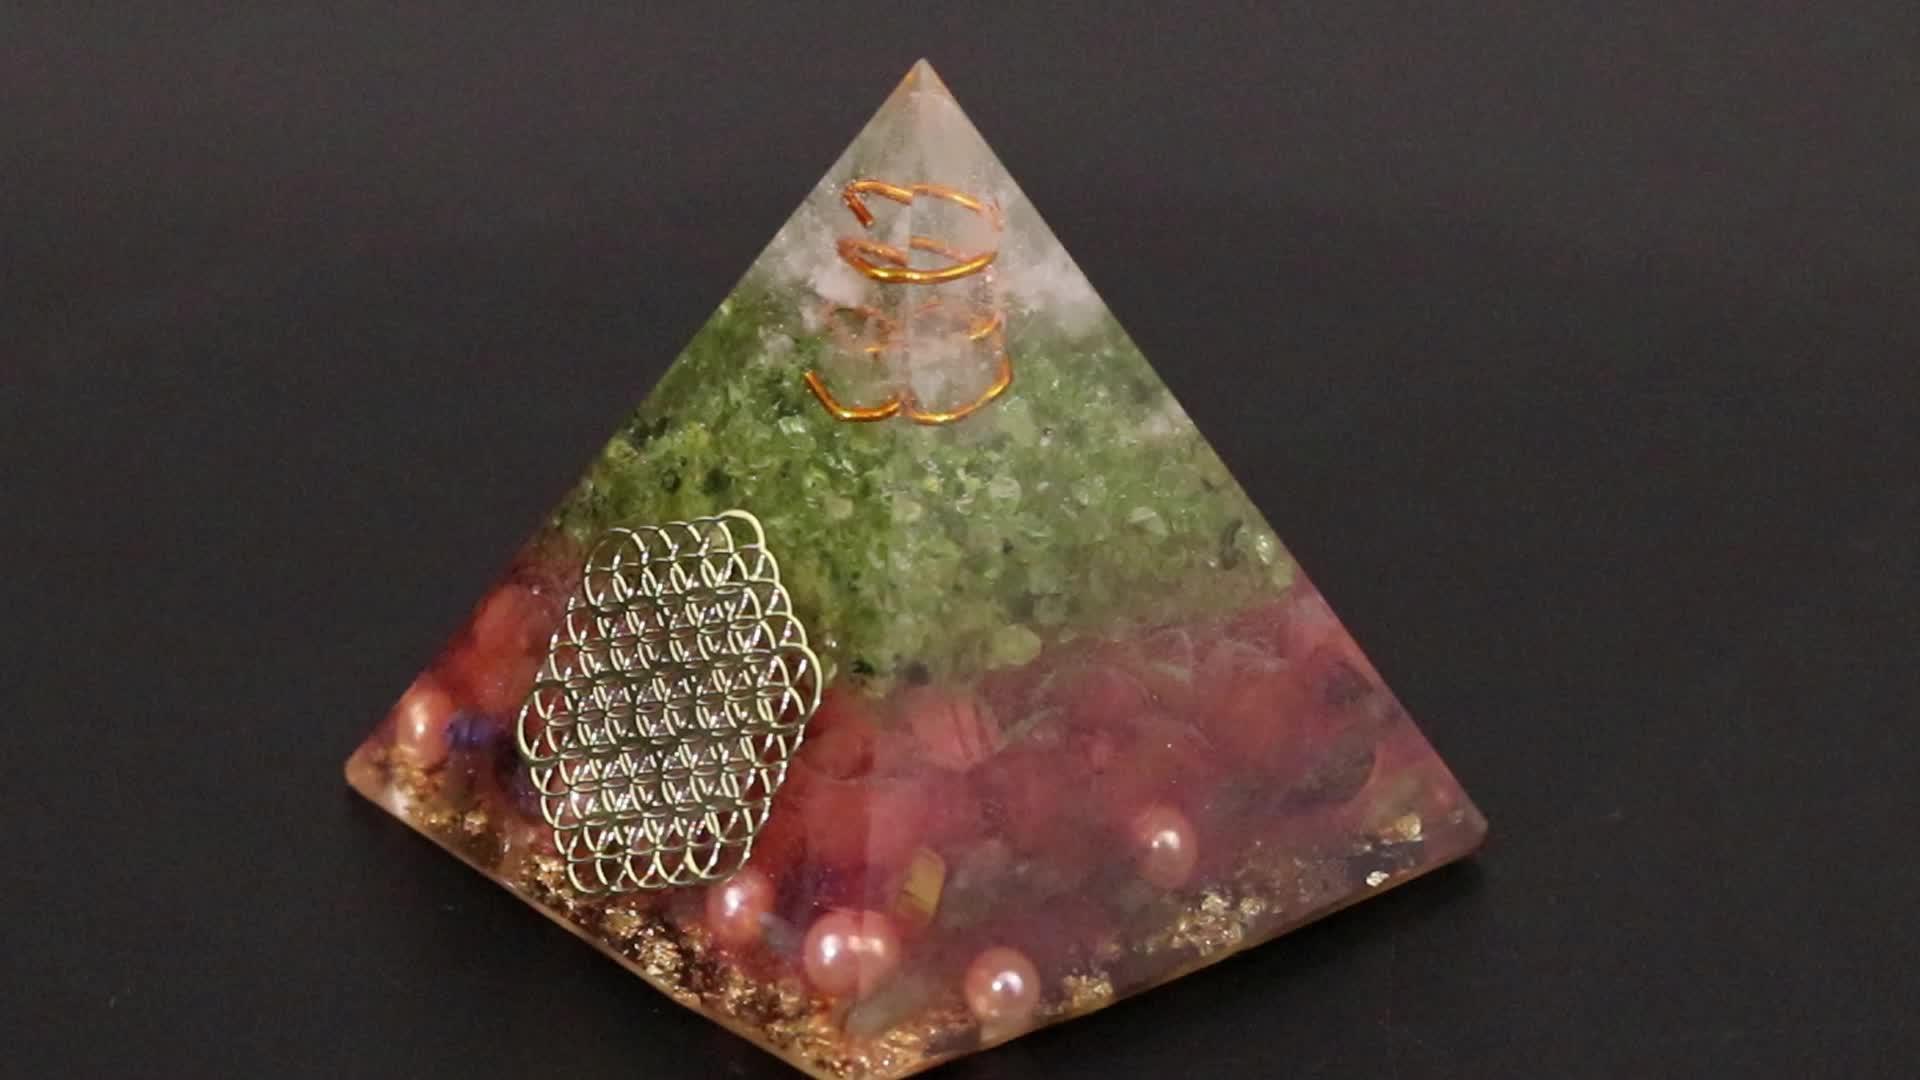 Orgonite Aura Высокая Частота энергии Пирамида помогает любовь бизнес успокоить душу Йога Медитации украшения подарок